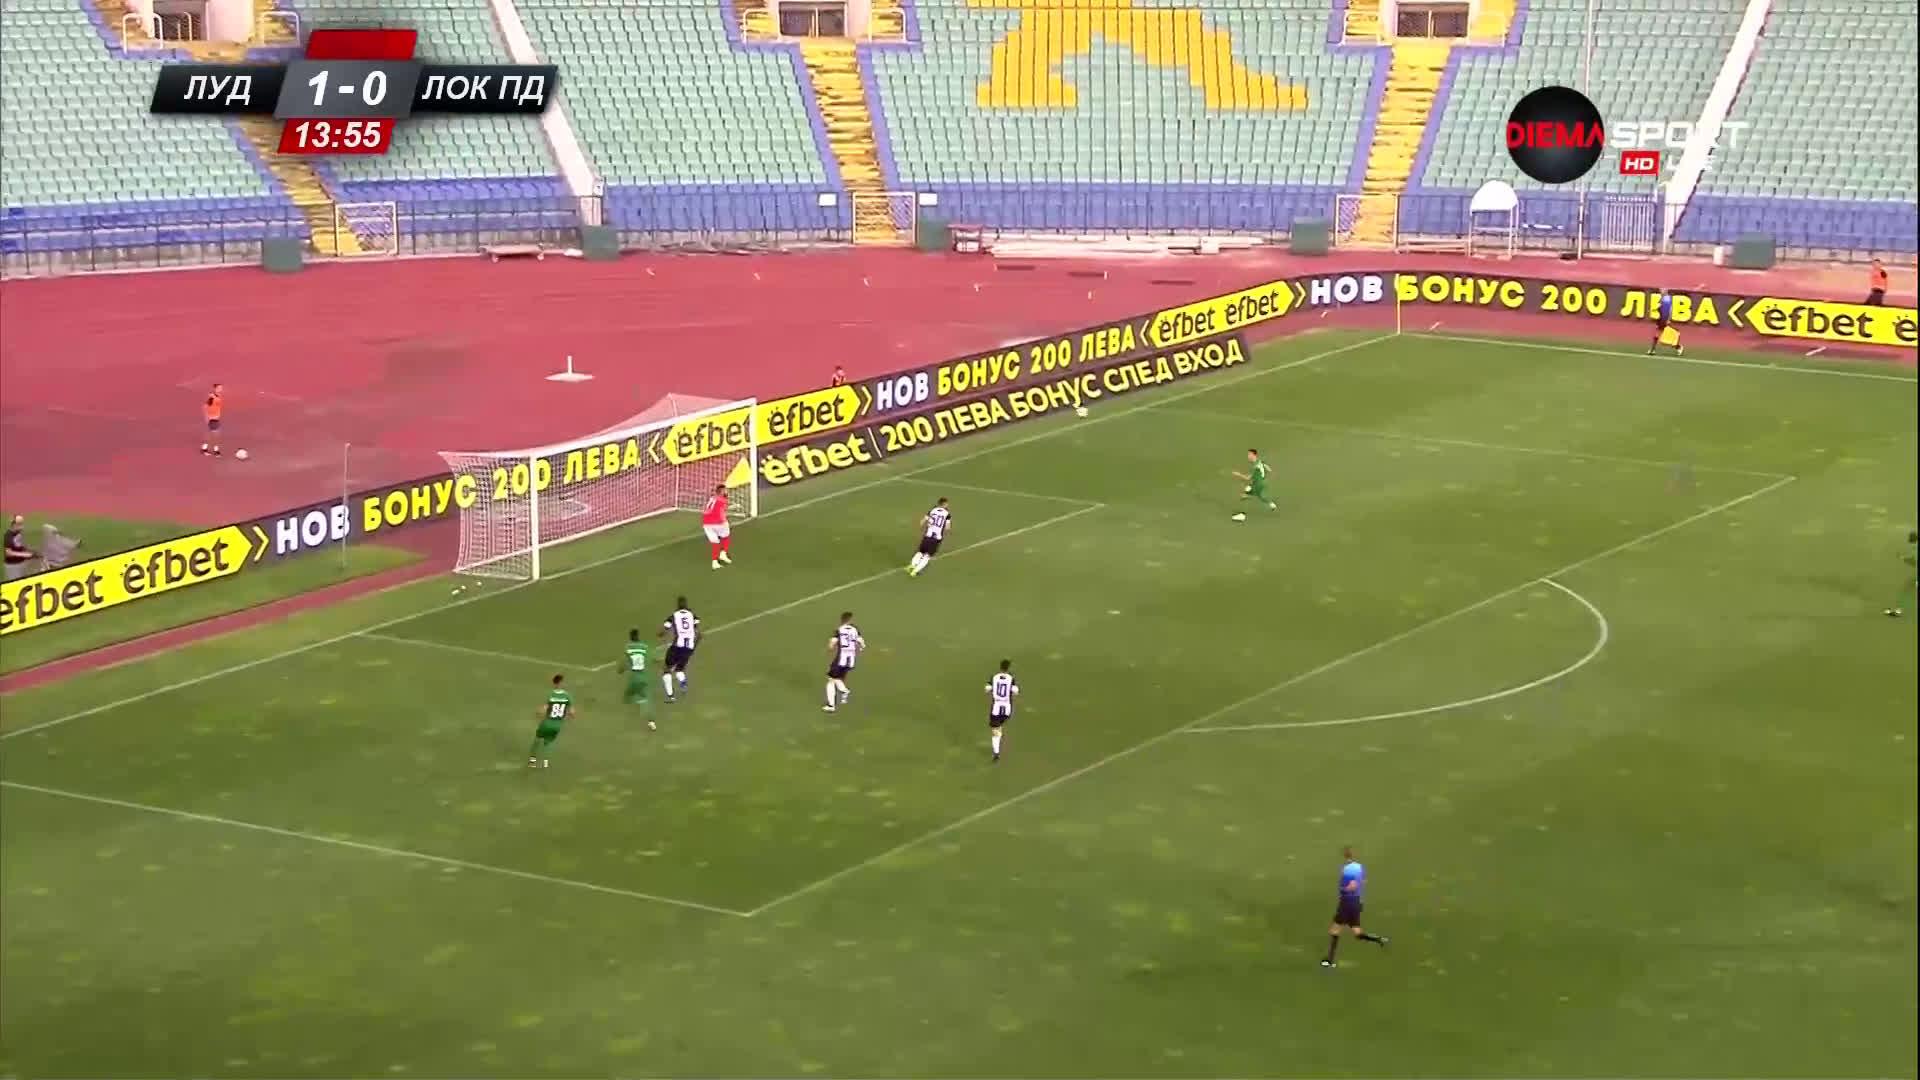 Лудогорец - Локомотив Пд 1:0 /първо полувреме/